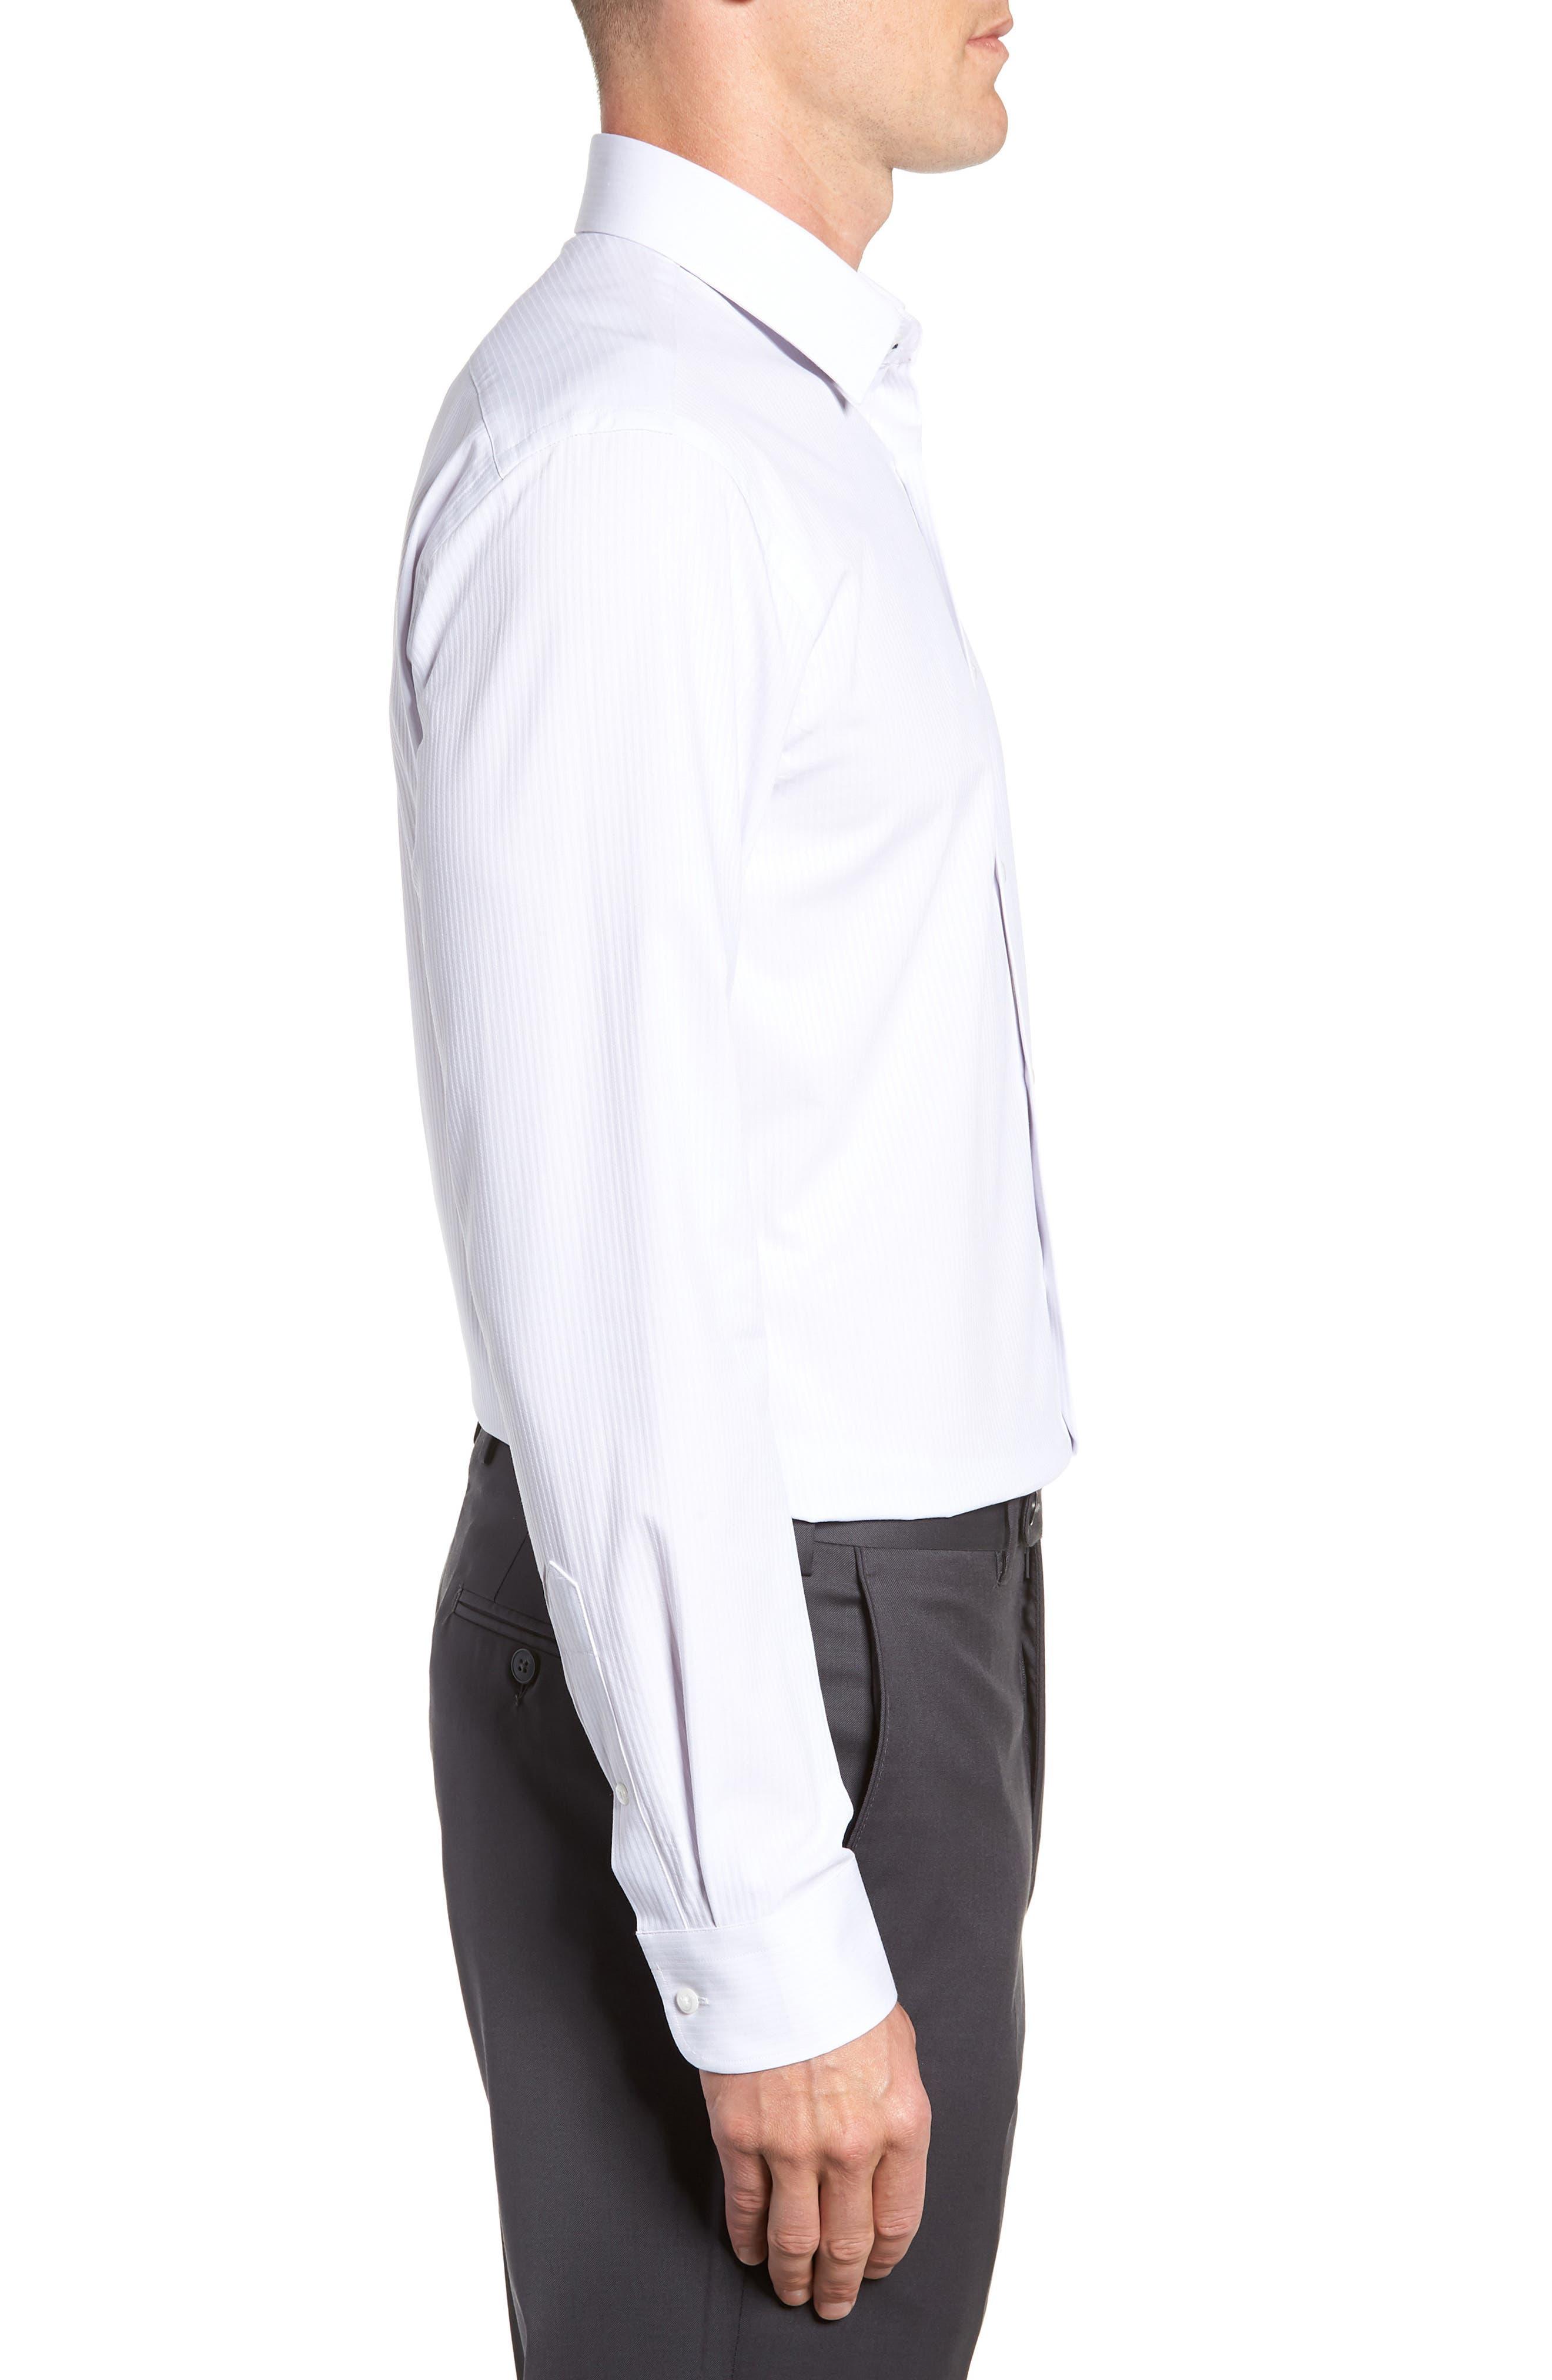 NORDSTROM MEN'S SHOP,                             Tech-Smart Trim Fit Stretch Stripe Dress Shirt,                             Alternate thumbnail 4, color,                             050